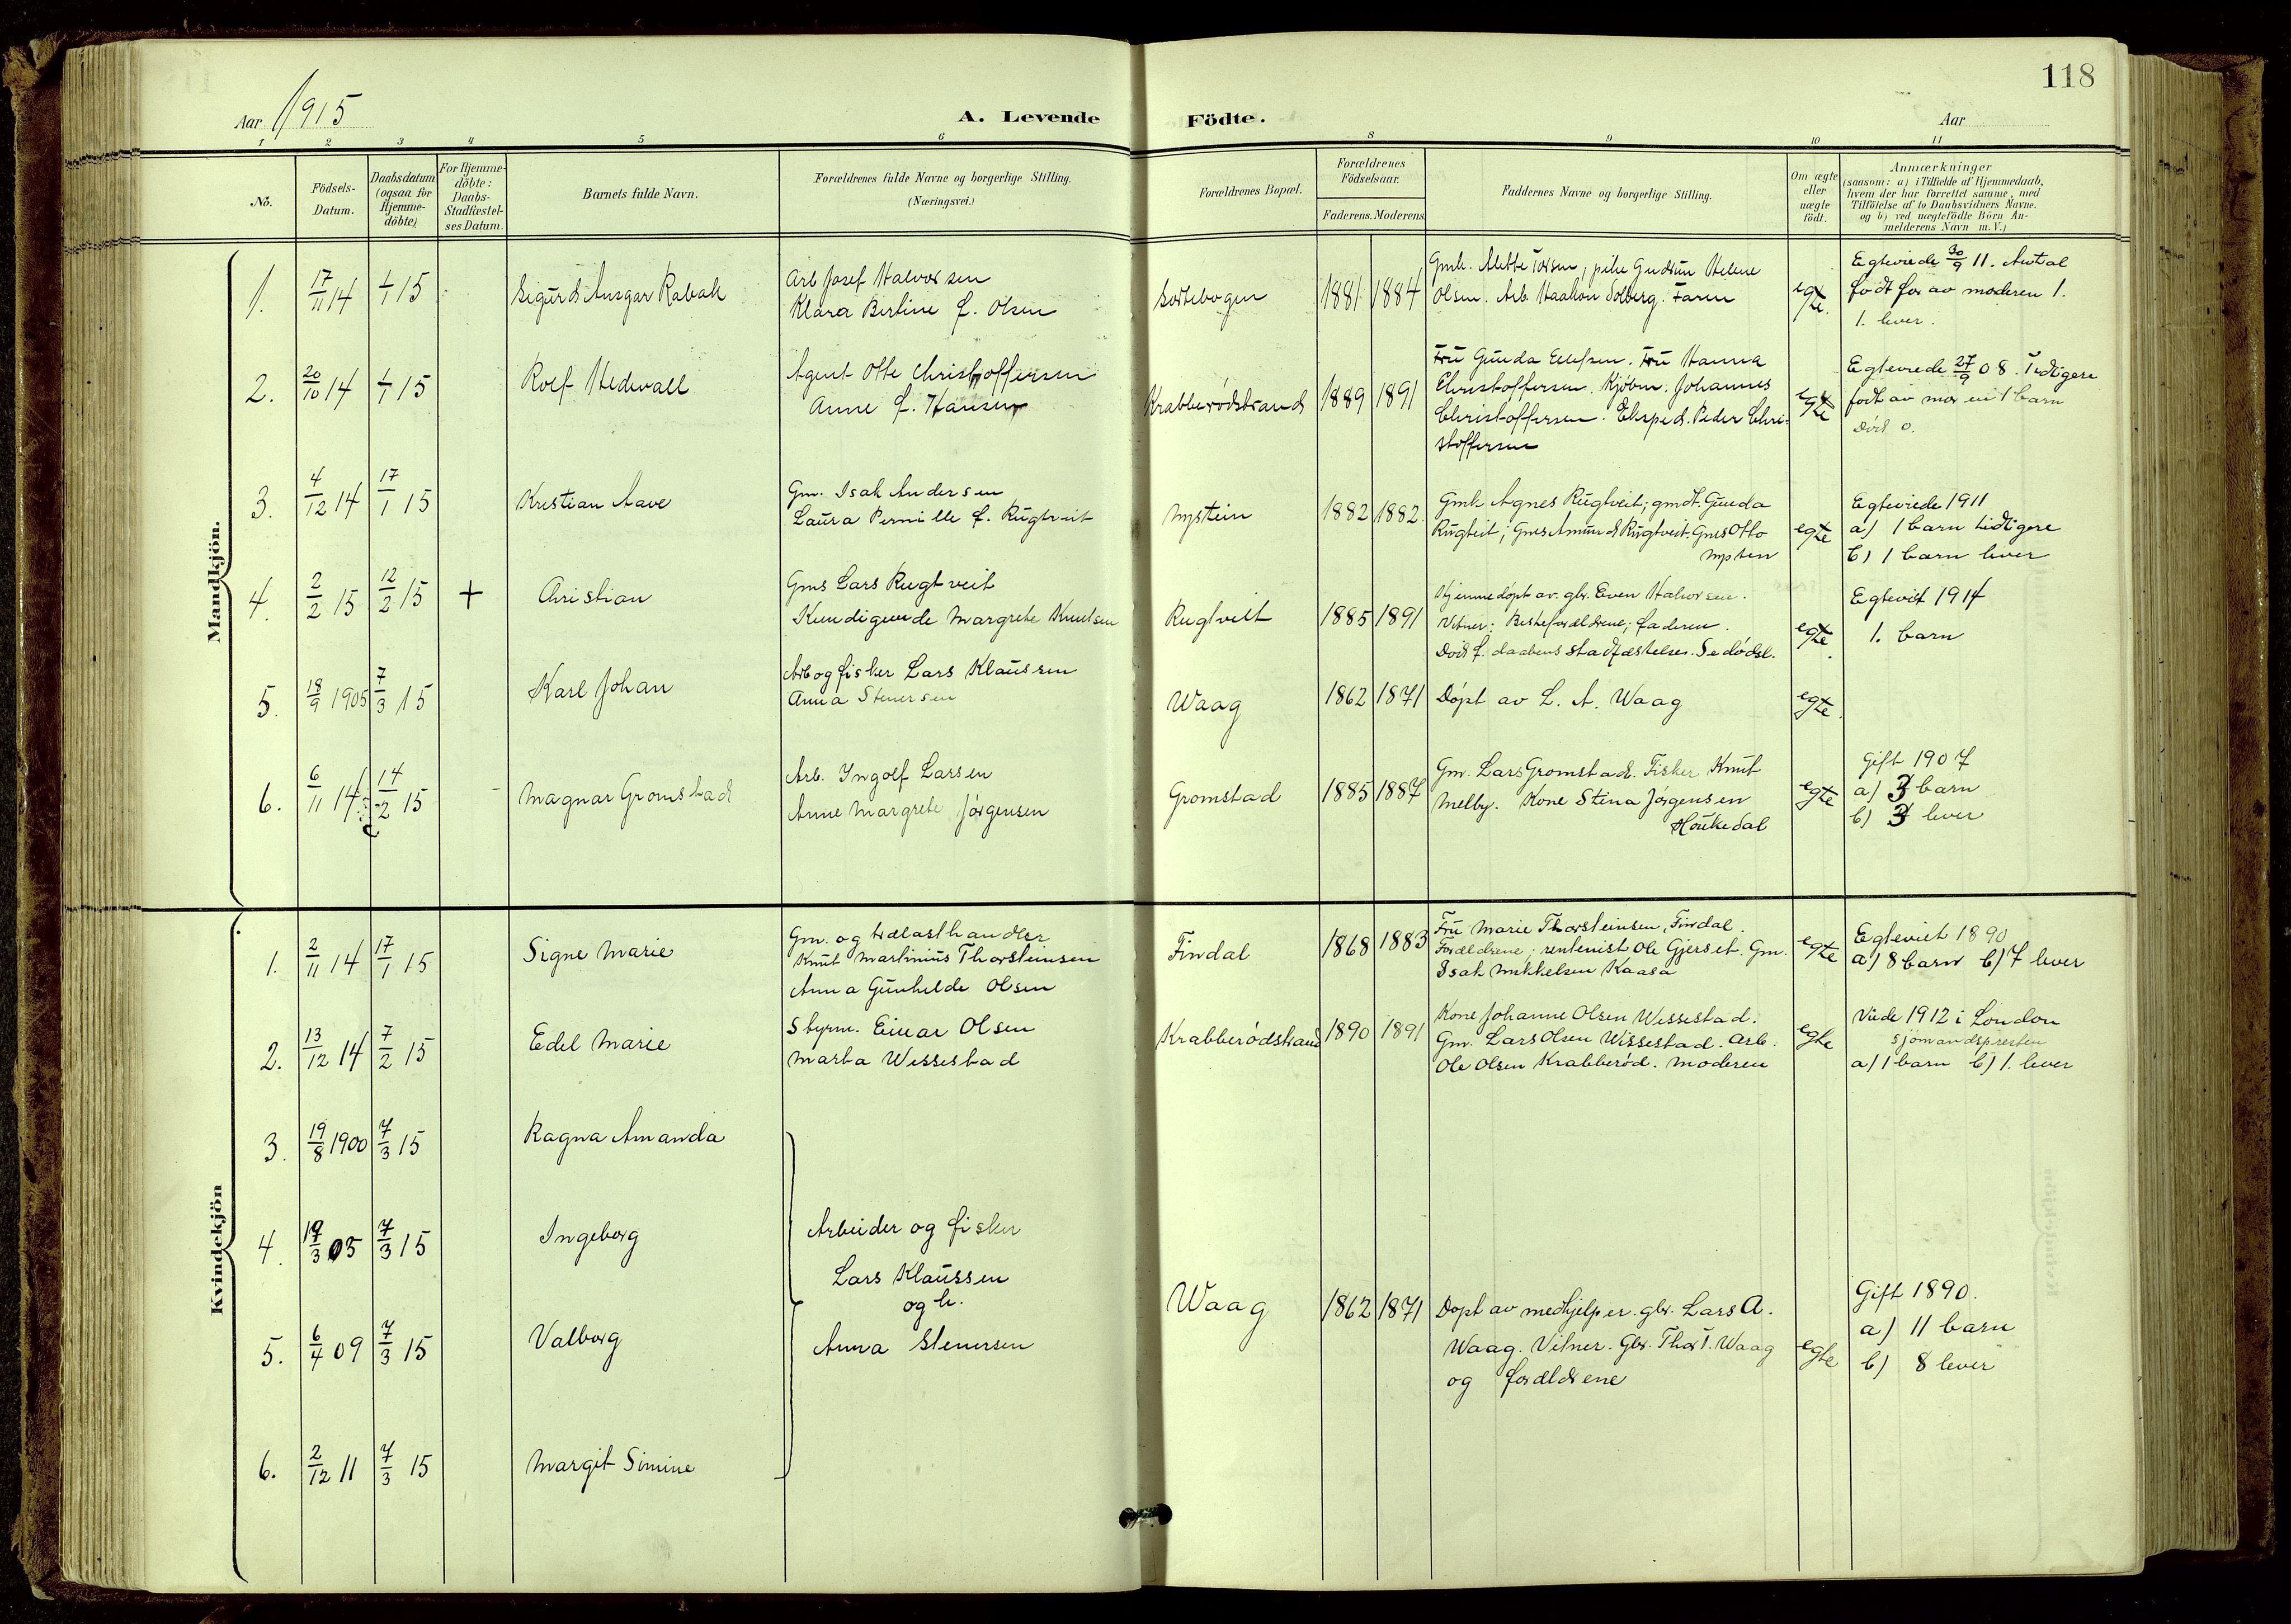 SAKO, Bamble kirkebøker, G/Ga/L0010: Klokkerbok nr. I 10, 1901-1919, s. 118